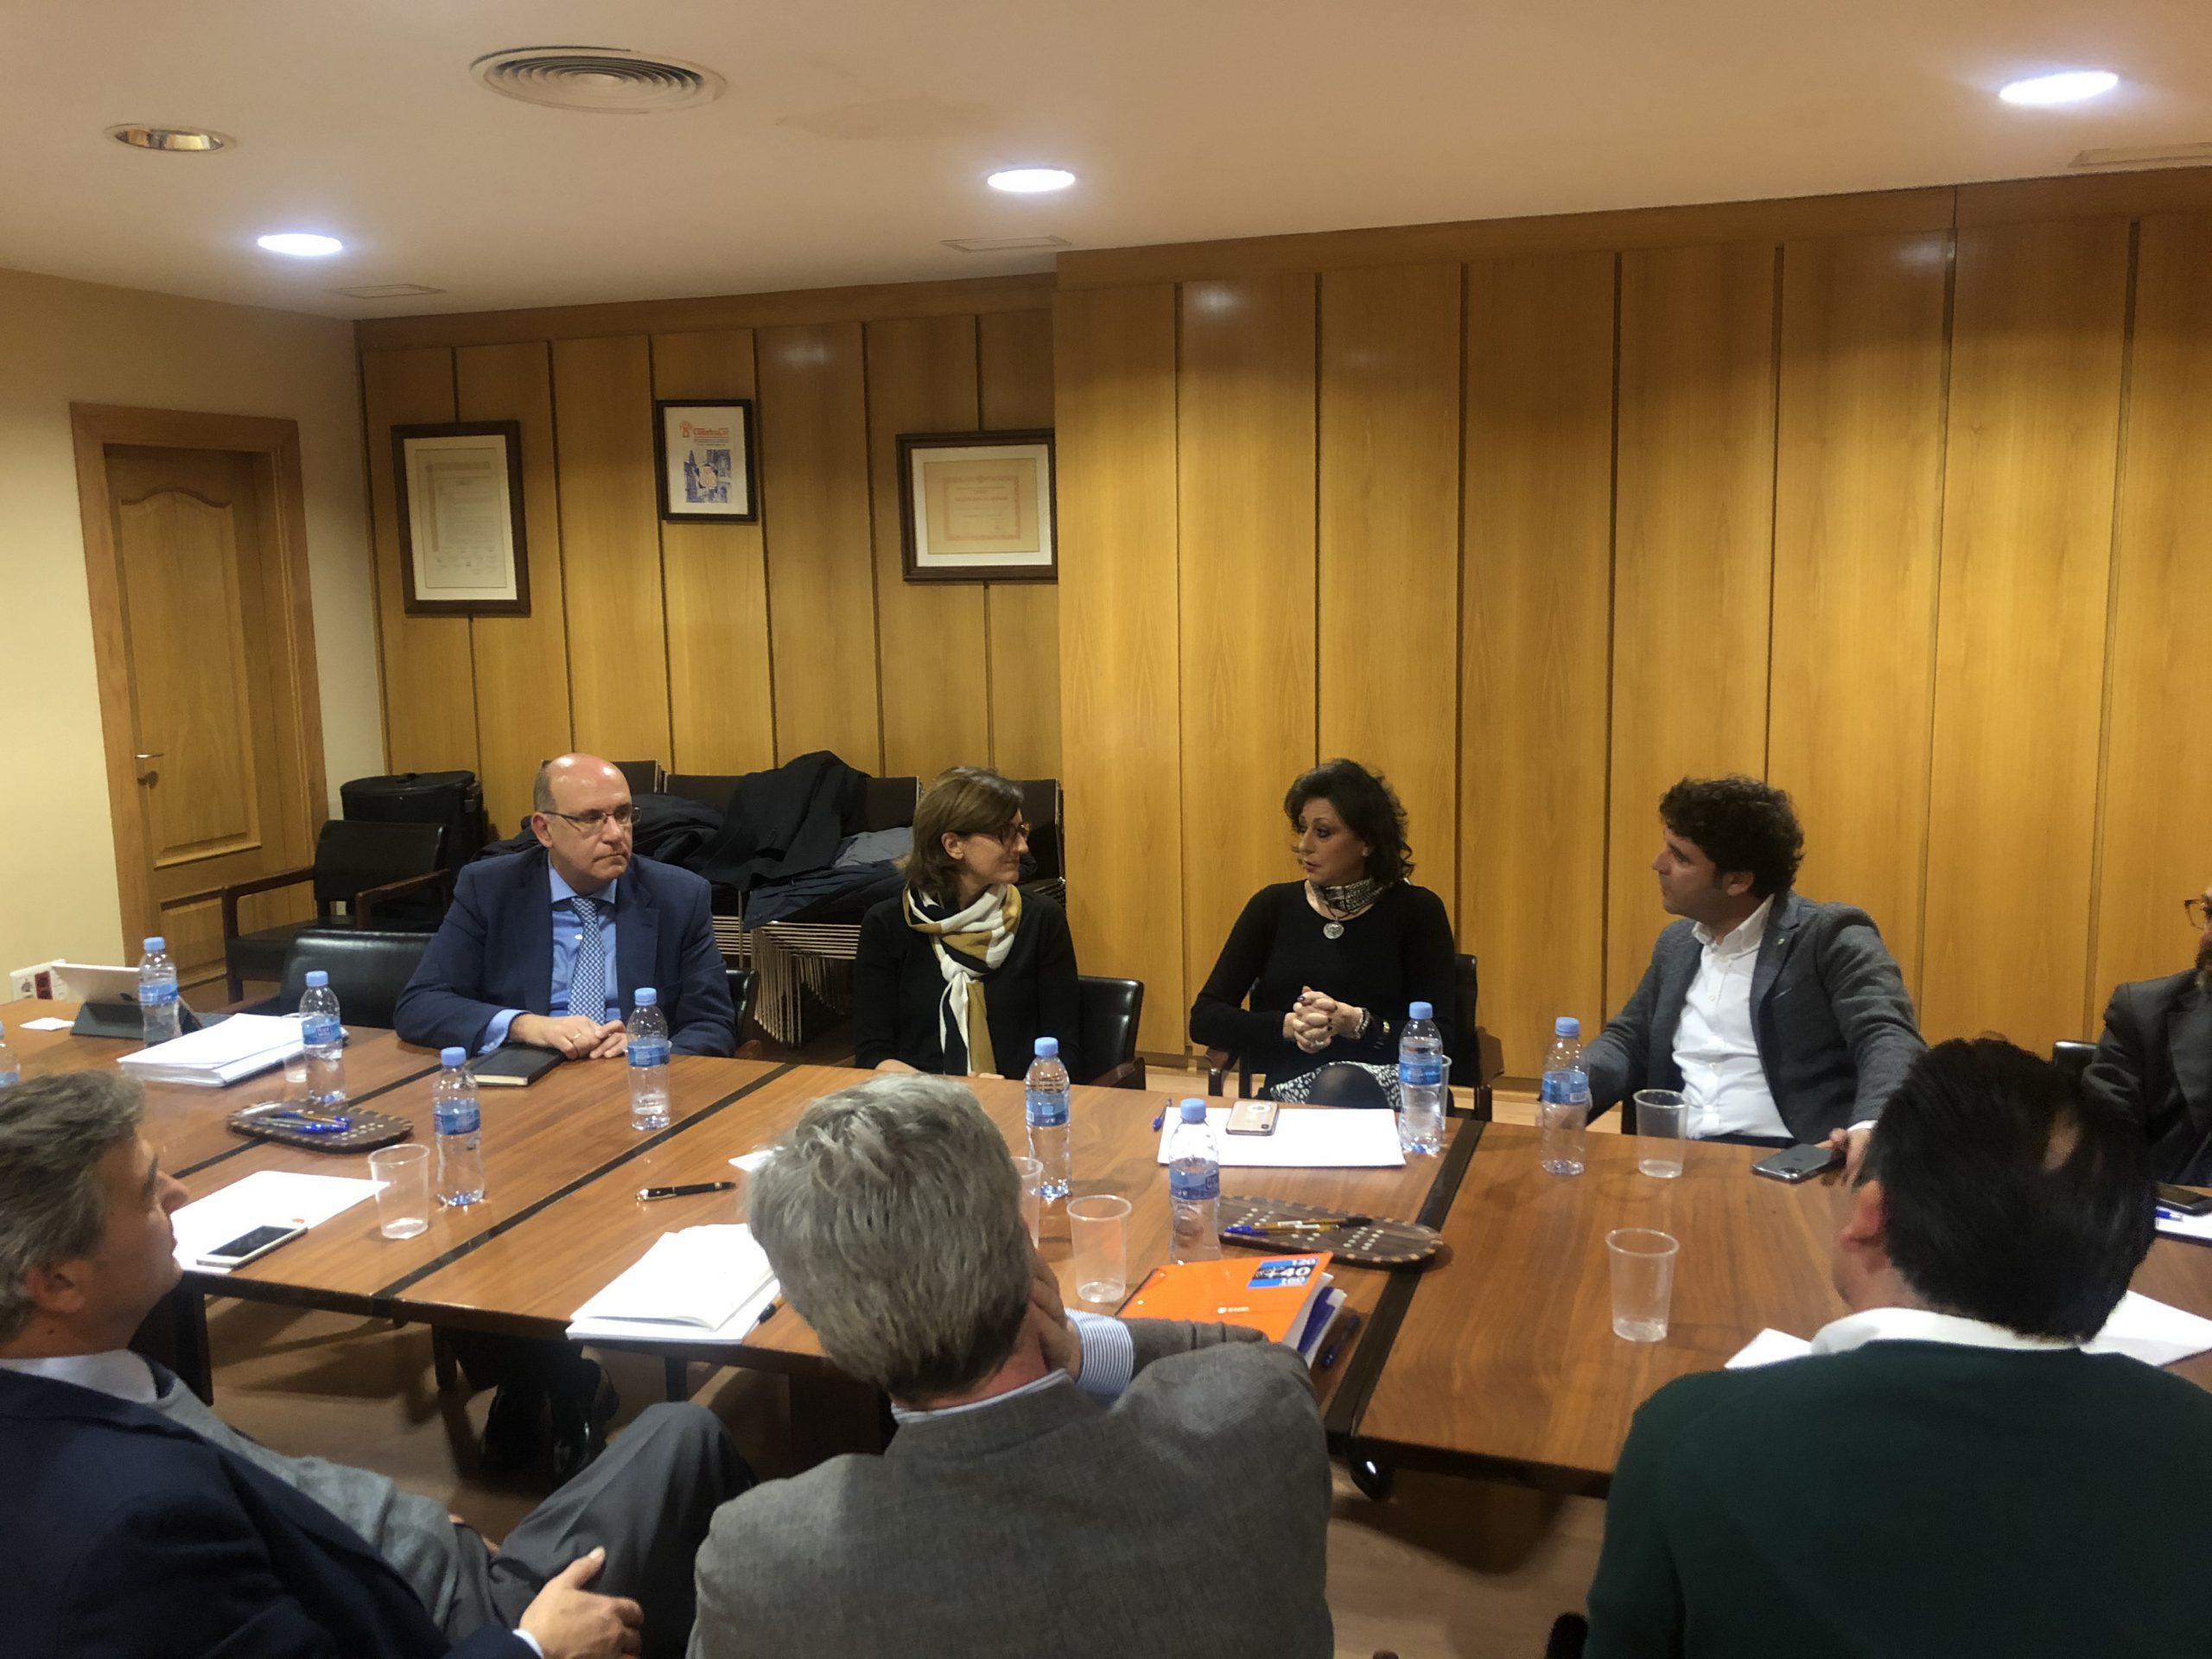 Construcor y Tragsa acuerdan trabajar para desbloquear el conflicto en torno a la segunda fase de las obras del Palacio de Congresos